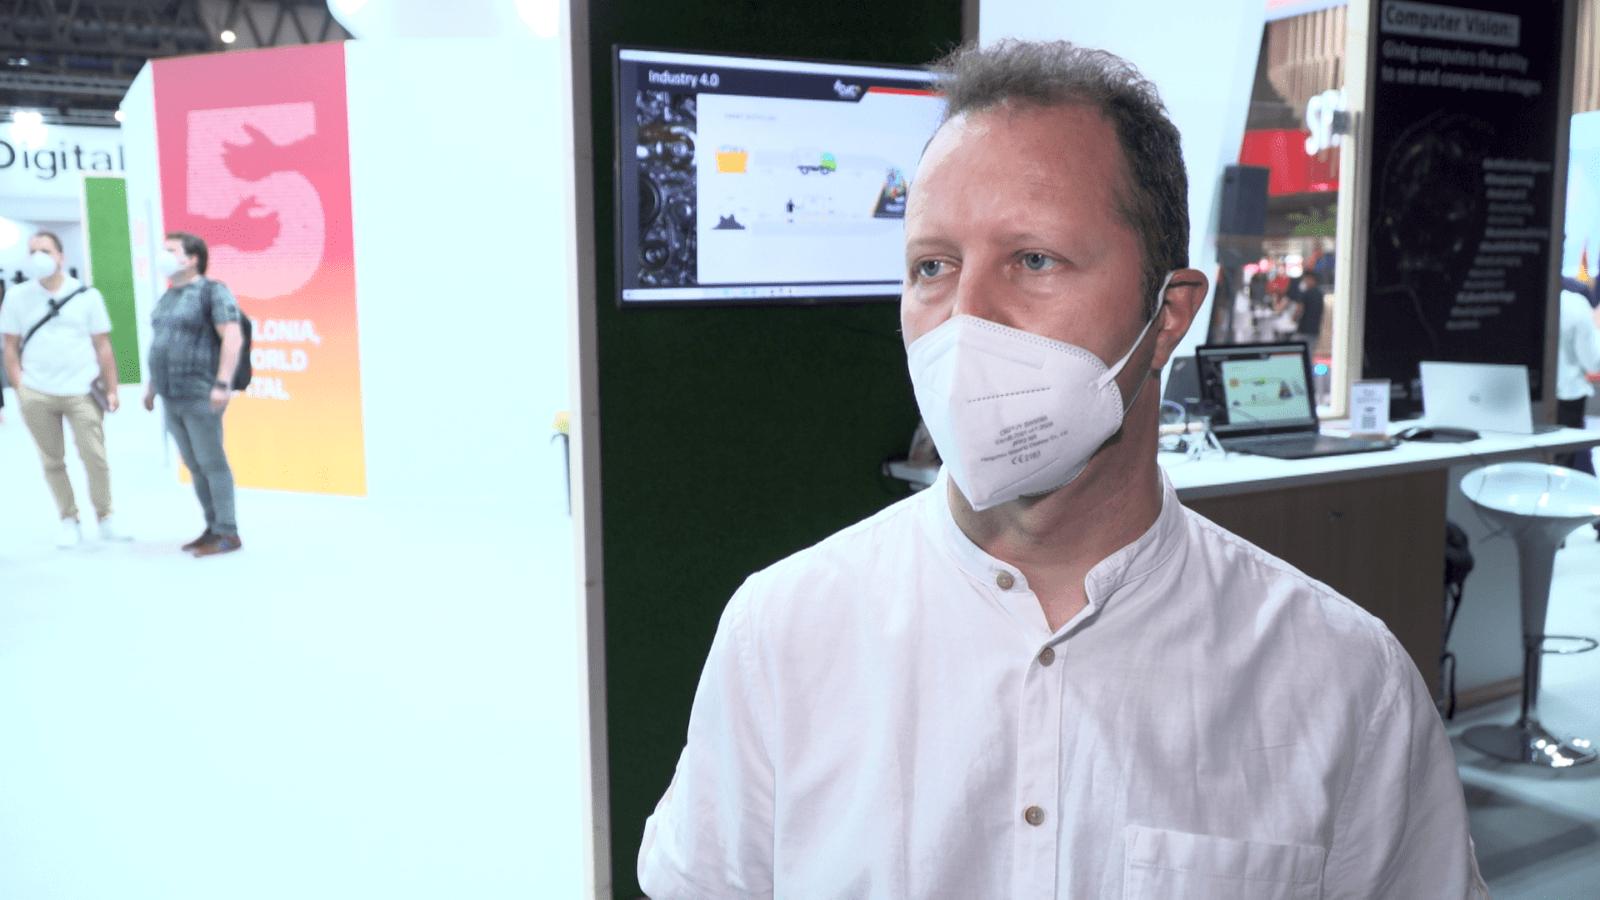 Sztuczna inteligencja usprawni recykling. Wyposażone w kamery kosze rozpoznają typ odpadu i odpowiednio je posortują